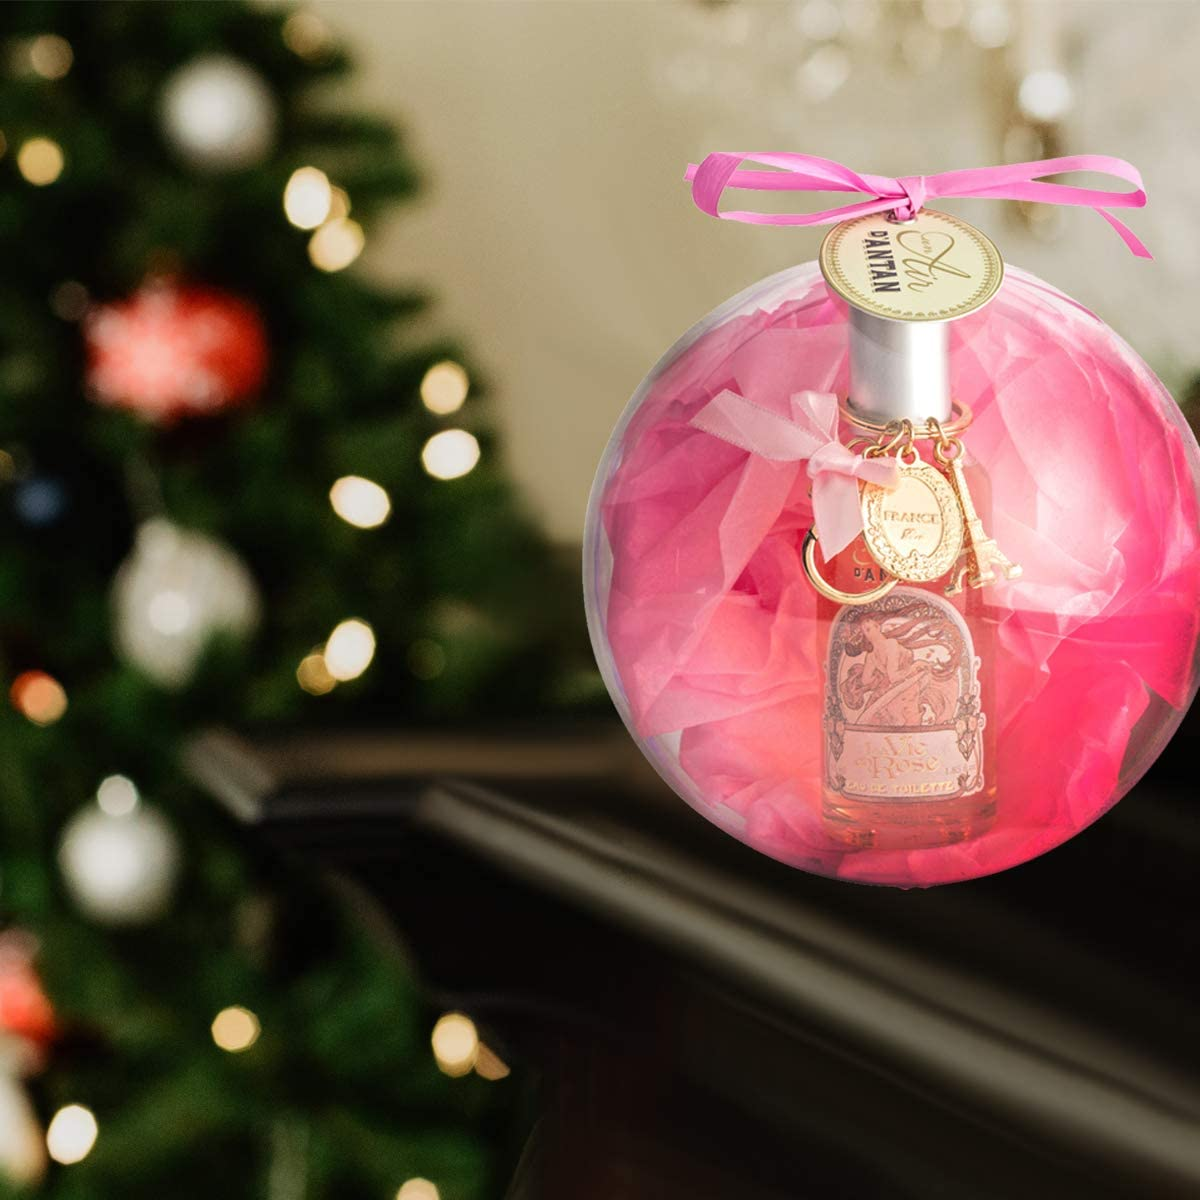 Caja Belleza en Bola de Arbol de Navidad,1 Eau de Toilette de Mujer Rose y 1 llavero de la Torre Eiffel Paris|Perfume Melocotón, Petalos de Rosa, Pachulí, Aroma Floral y Dulce, Colonia